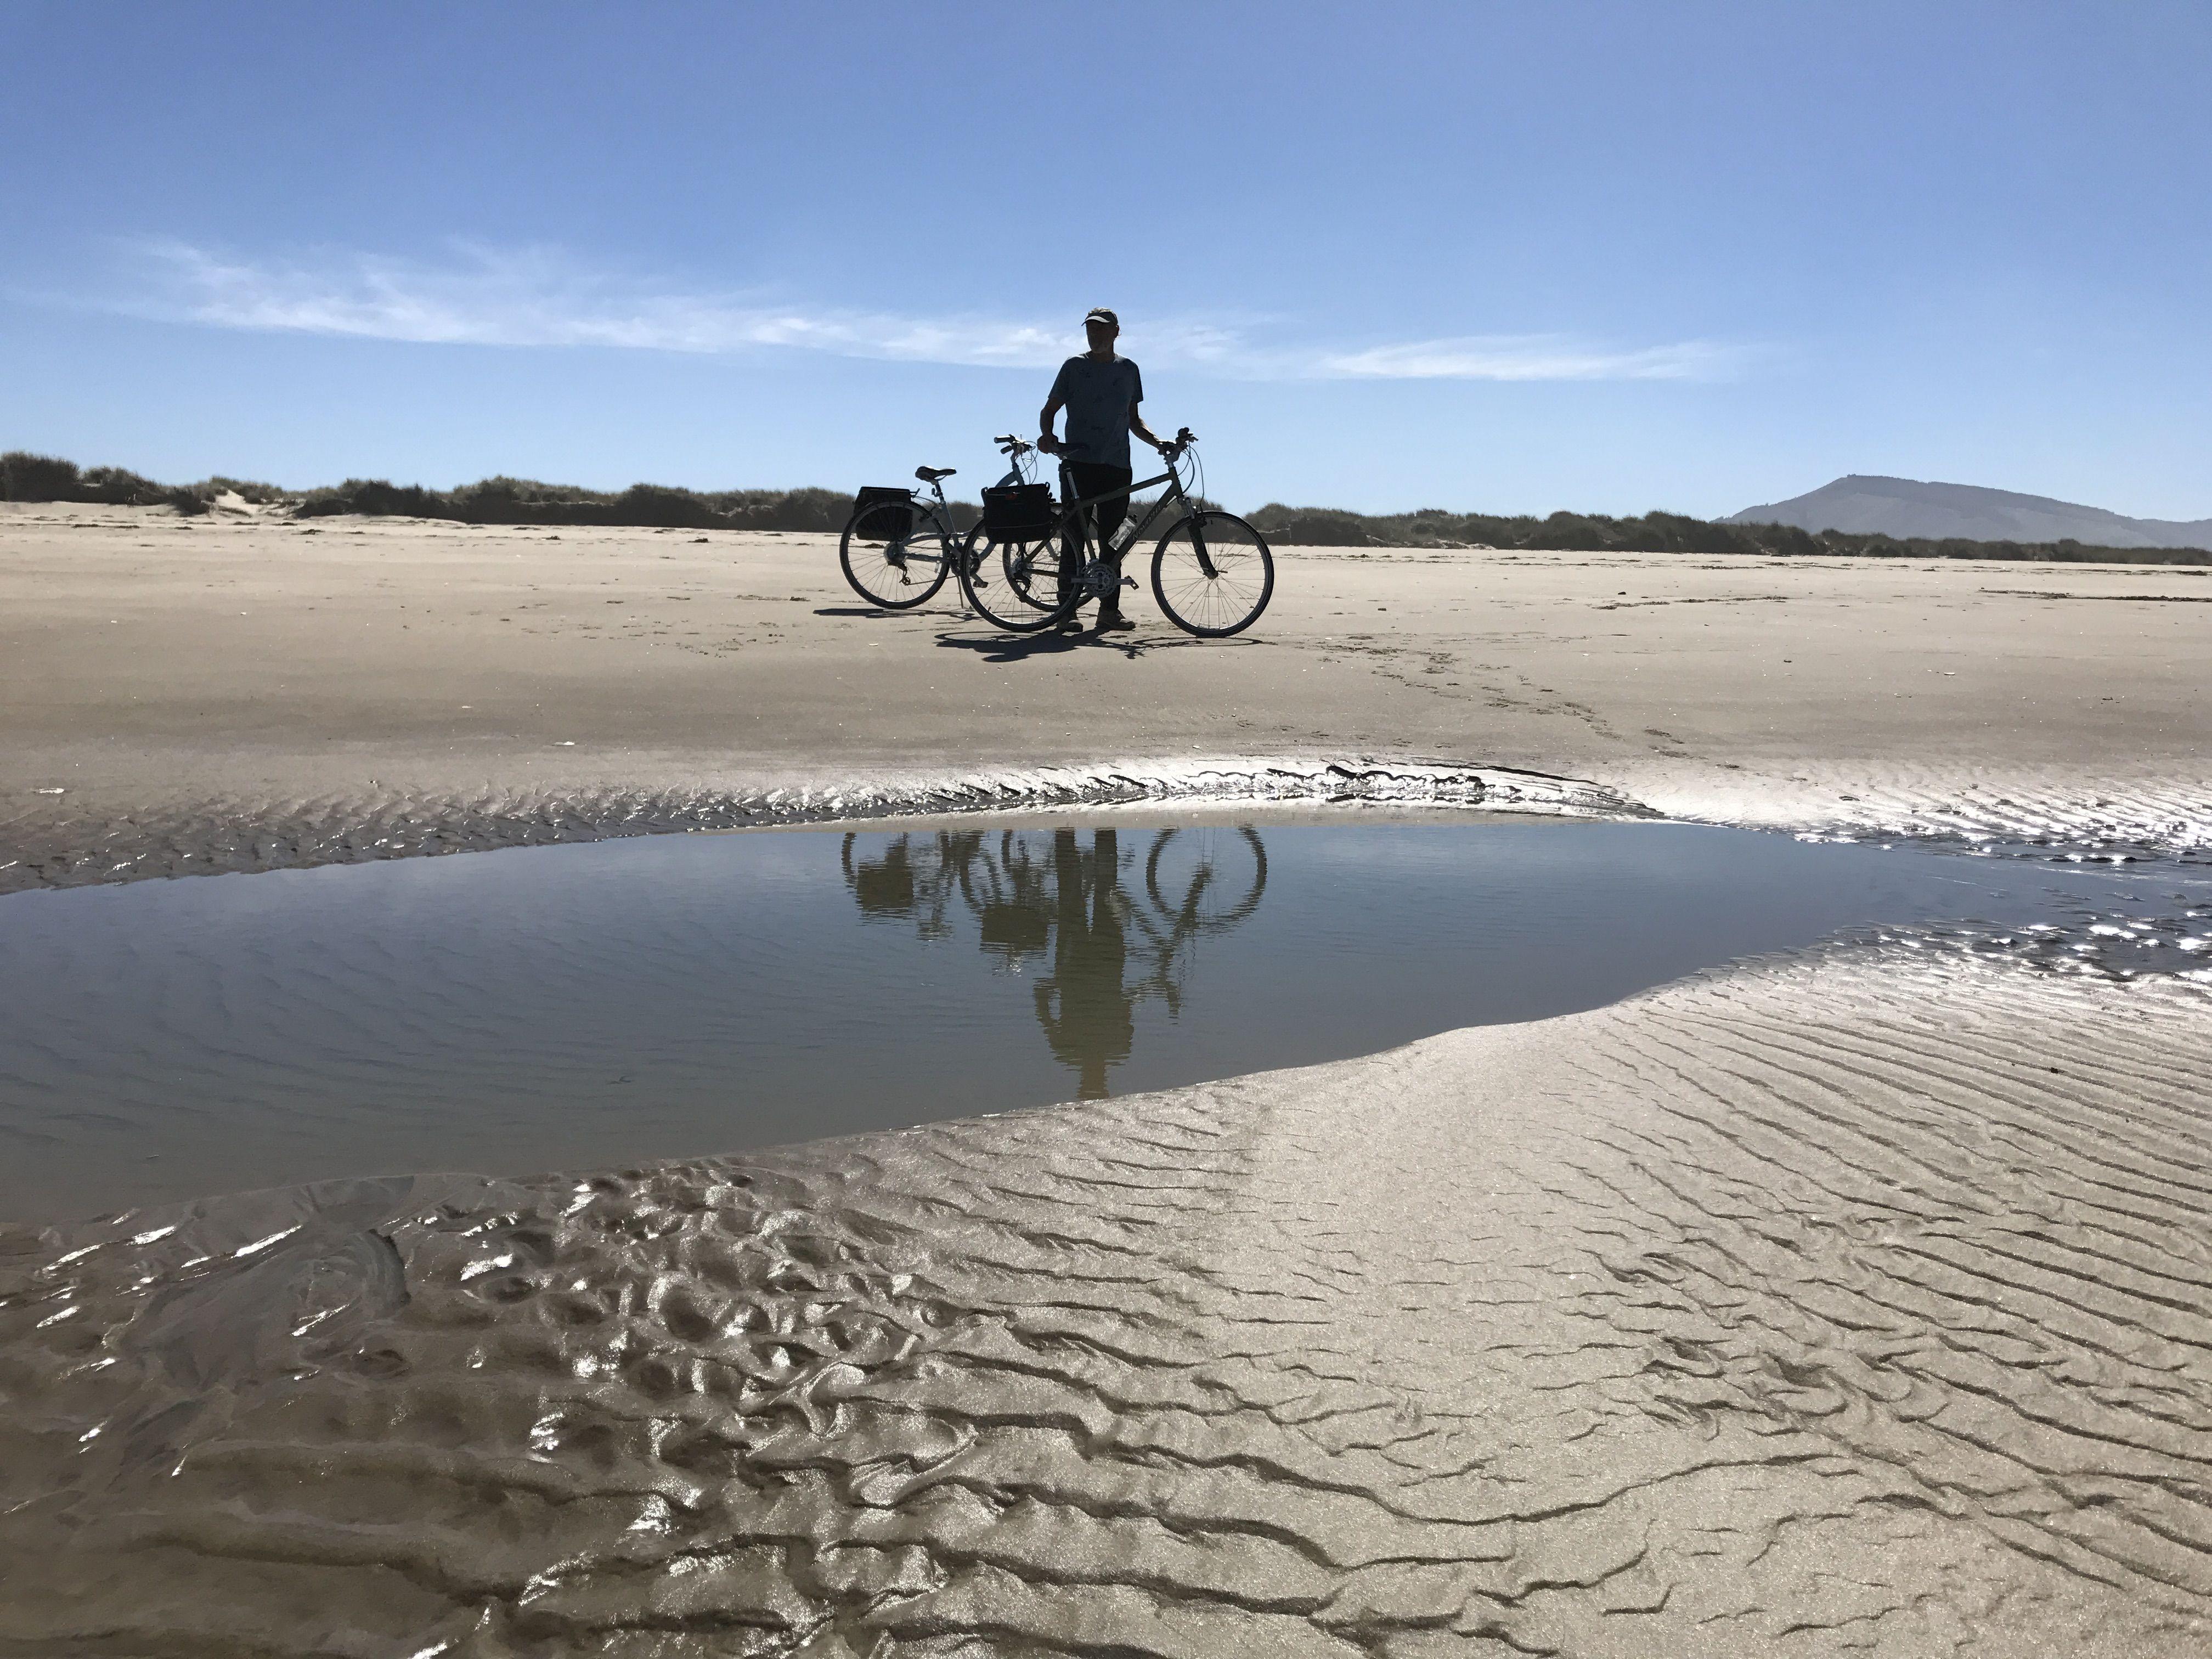 IMG_6576-BikesReflection